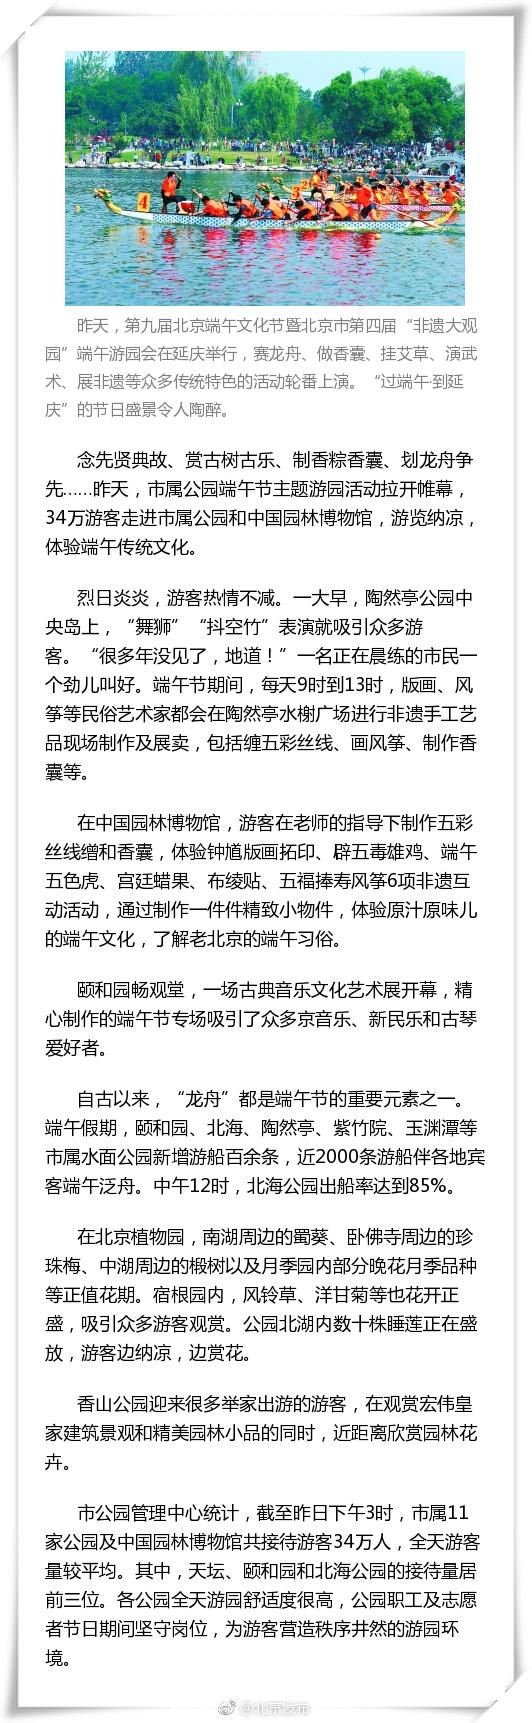 2017端午节返京最高峰时间预计晚8时出现